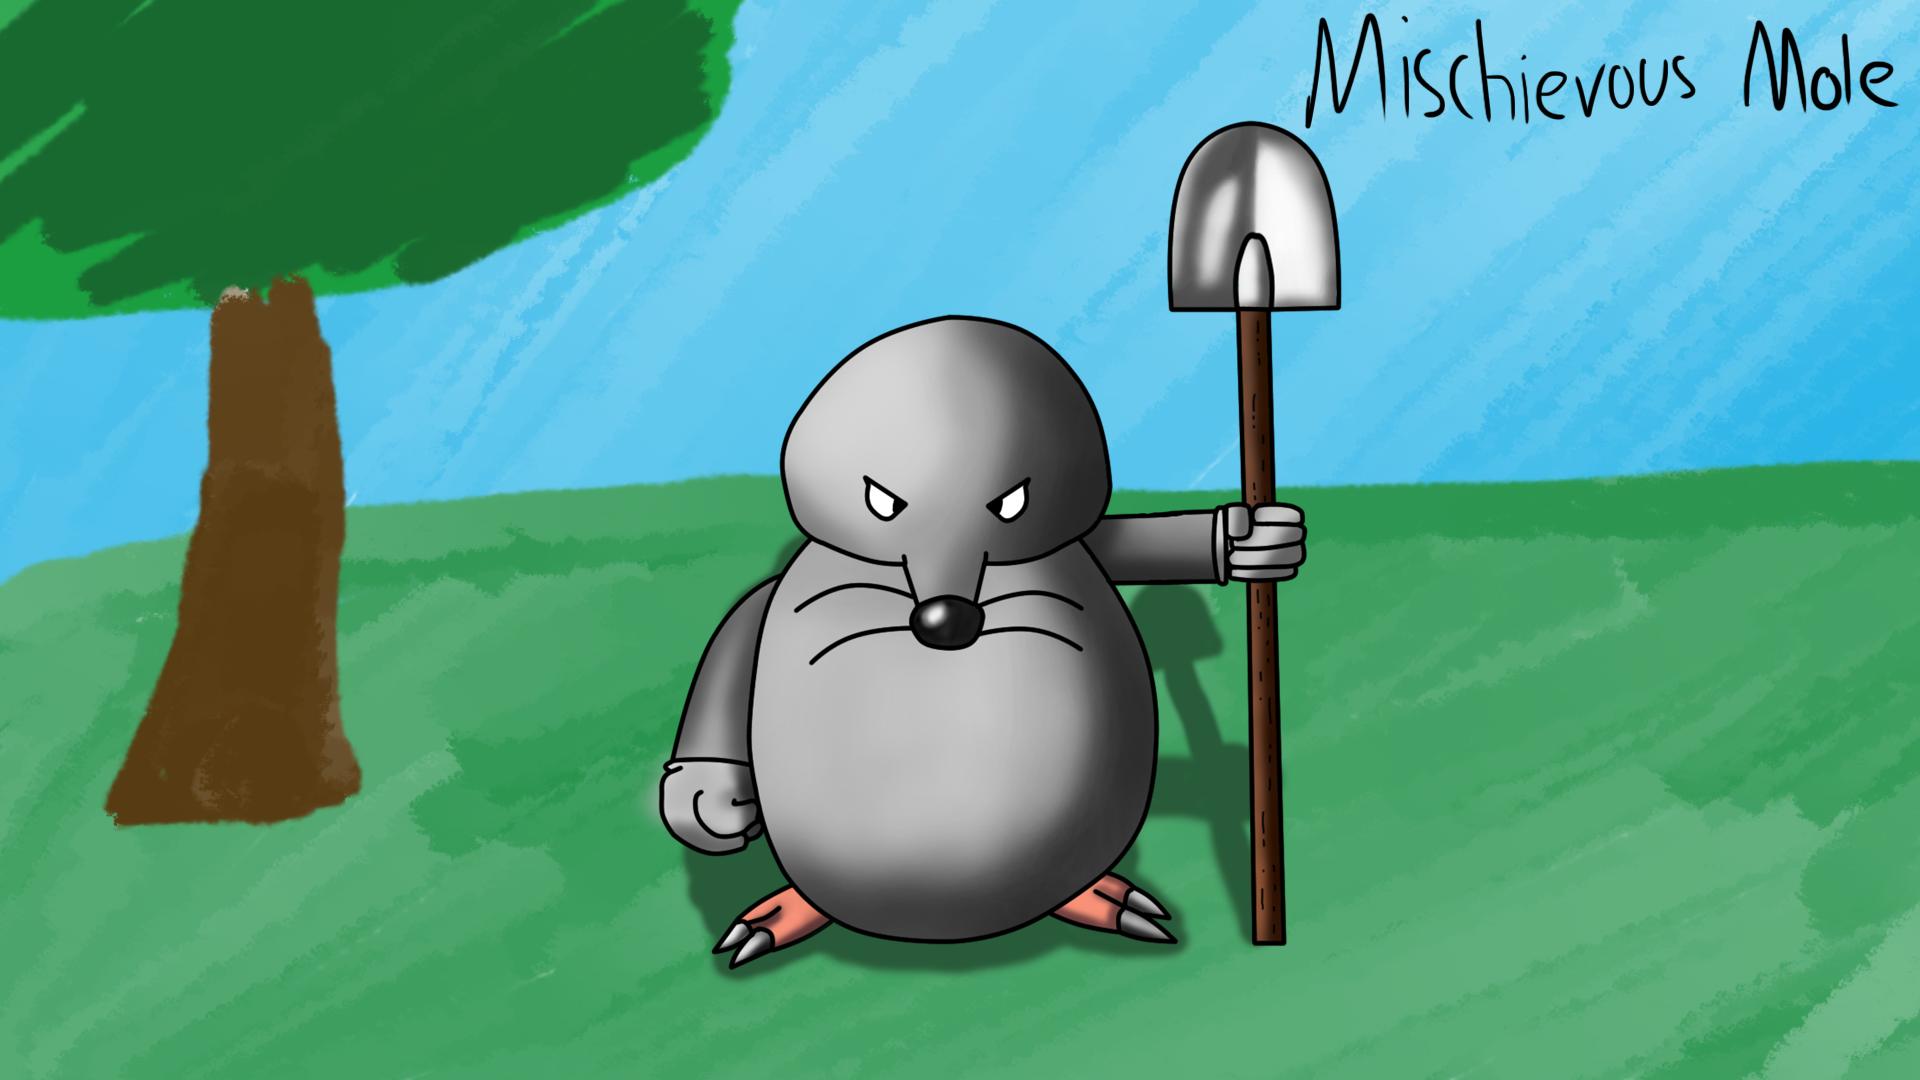 Mischievous Mole!